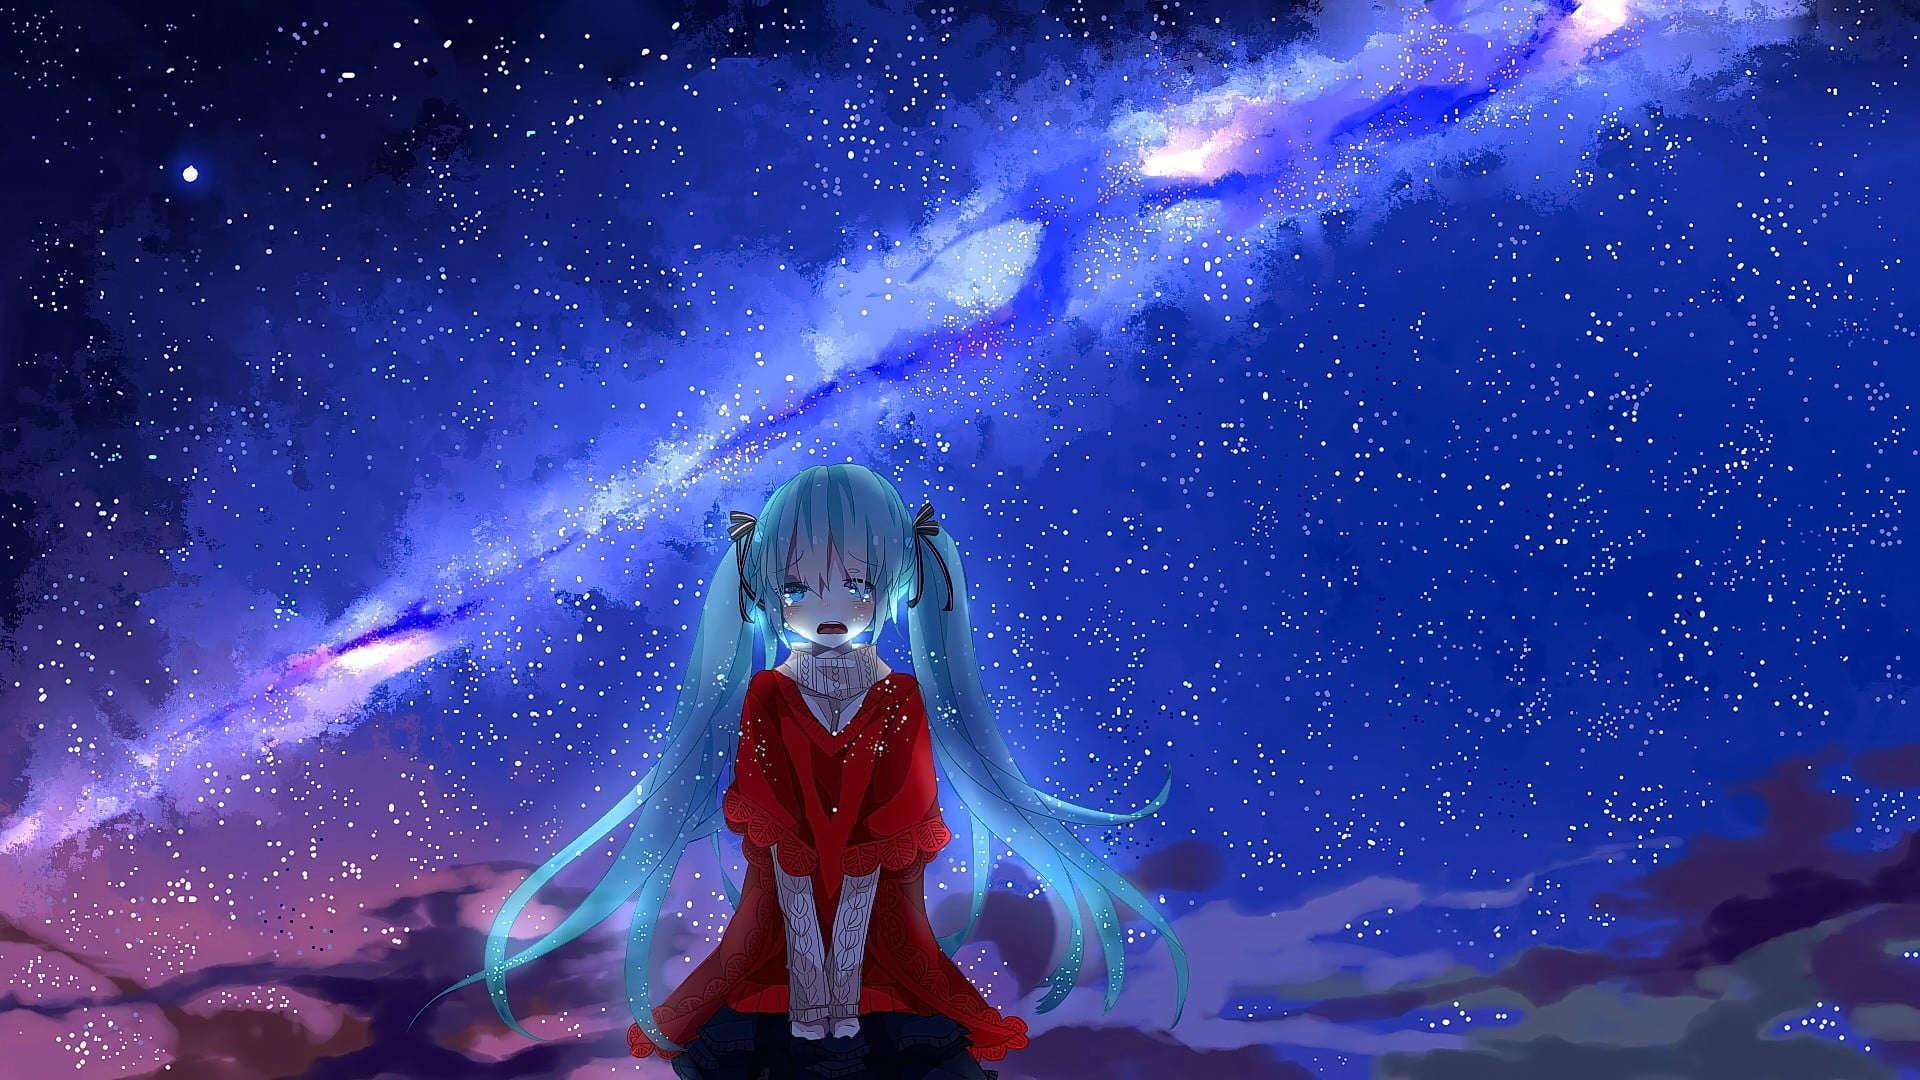 Anime sedih sendiri wallpaper